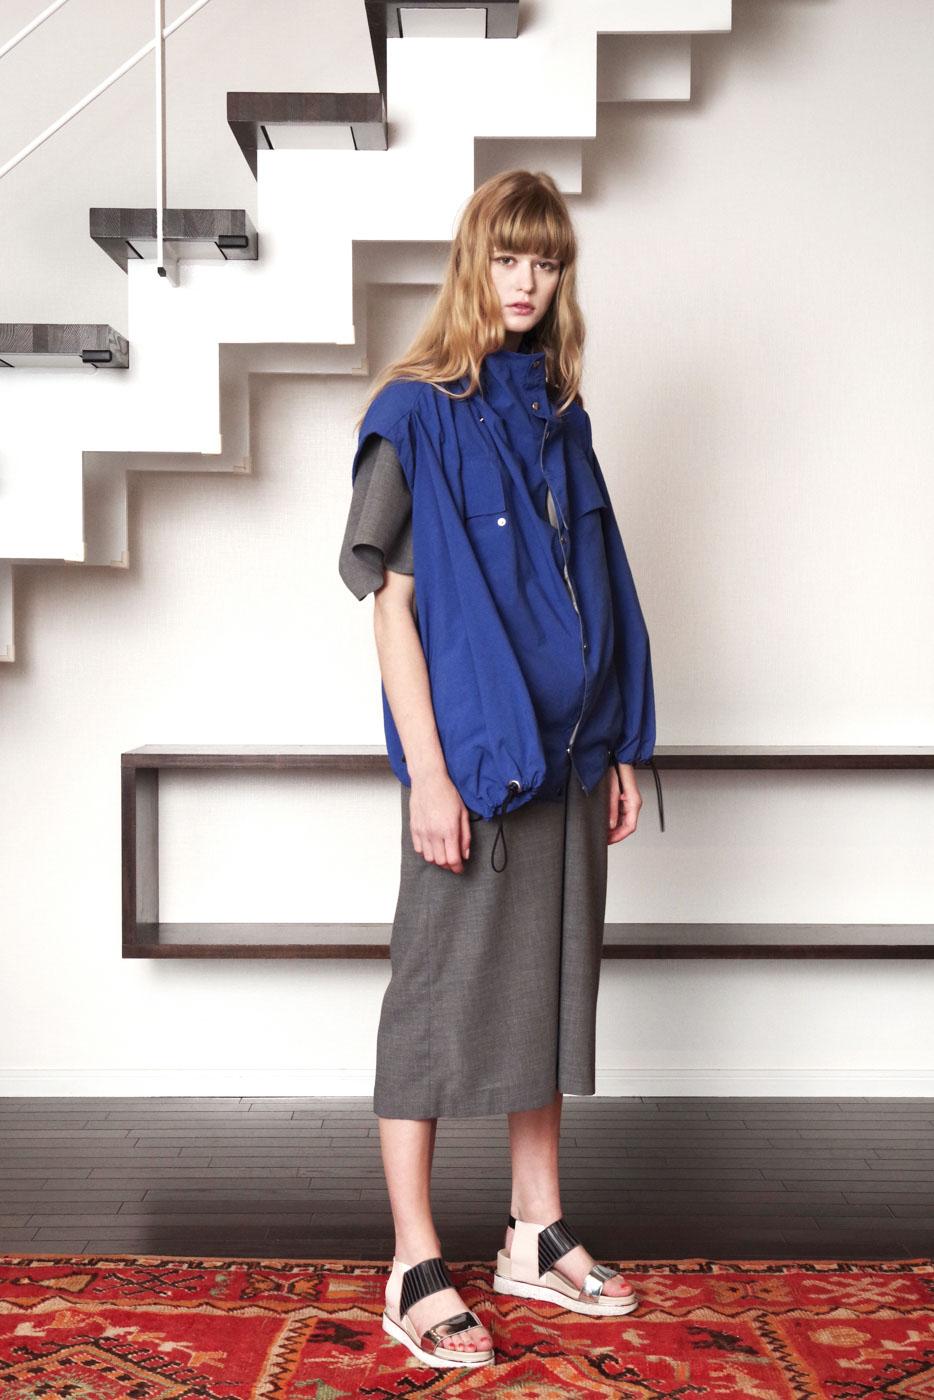 19017 Blouson ¥40,000, 19009 Dress ¥39,000